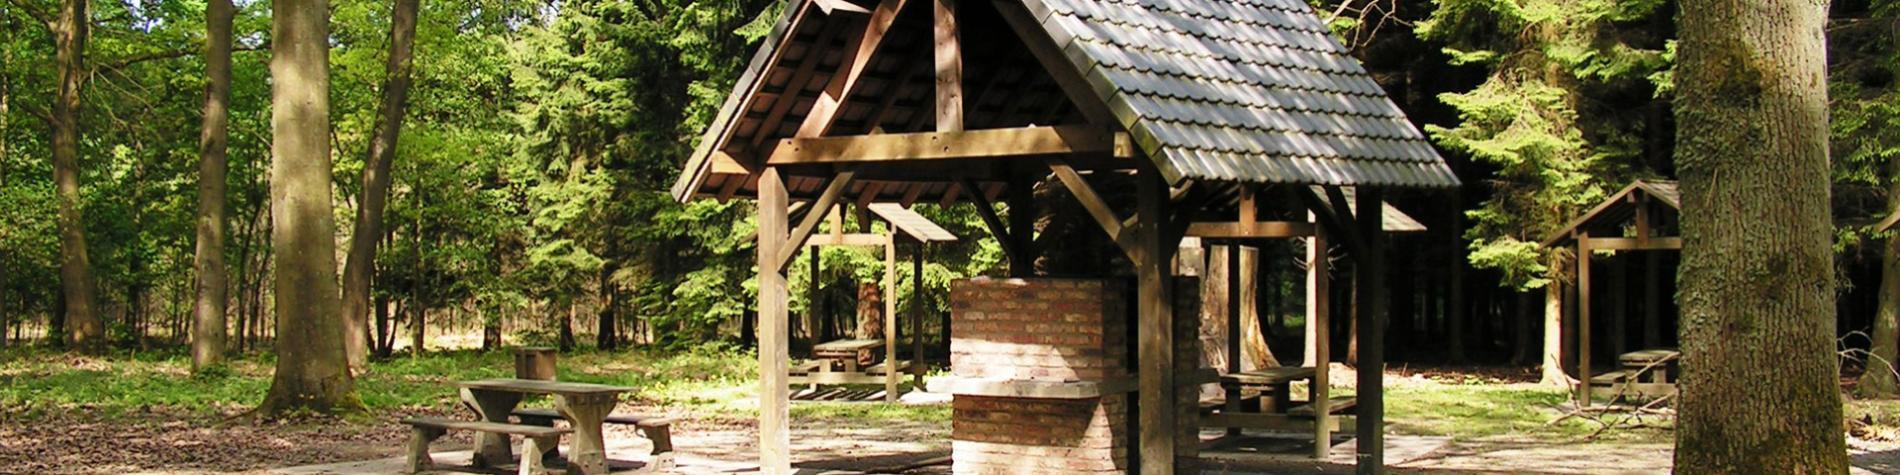 Bois didactique de Courrière - Namur - aire - BBQ - arboretum - flore - faune